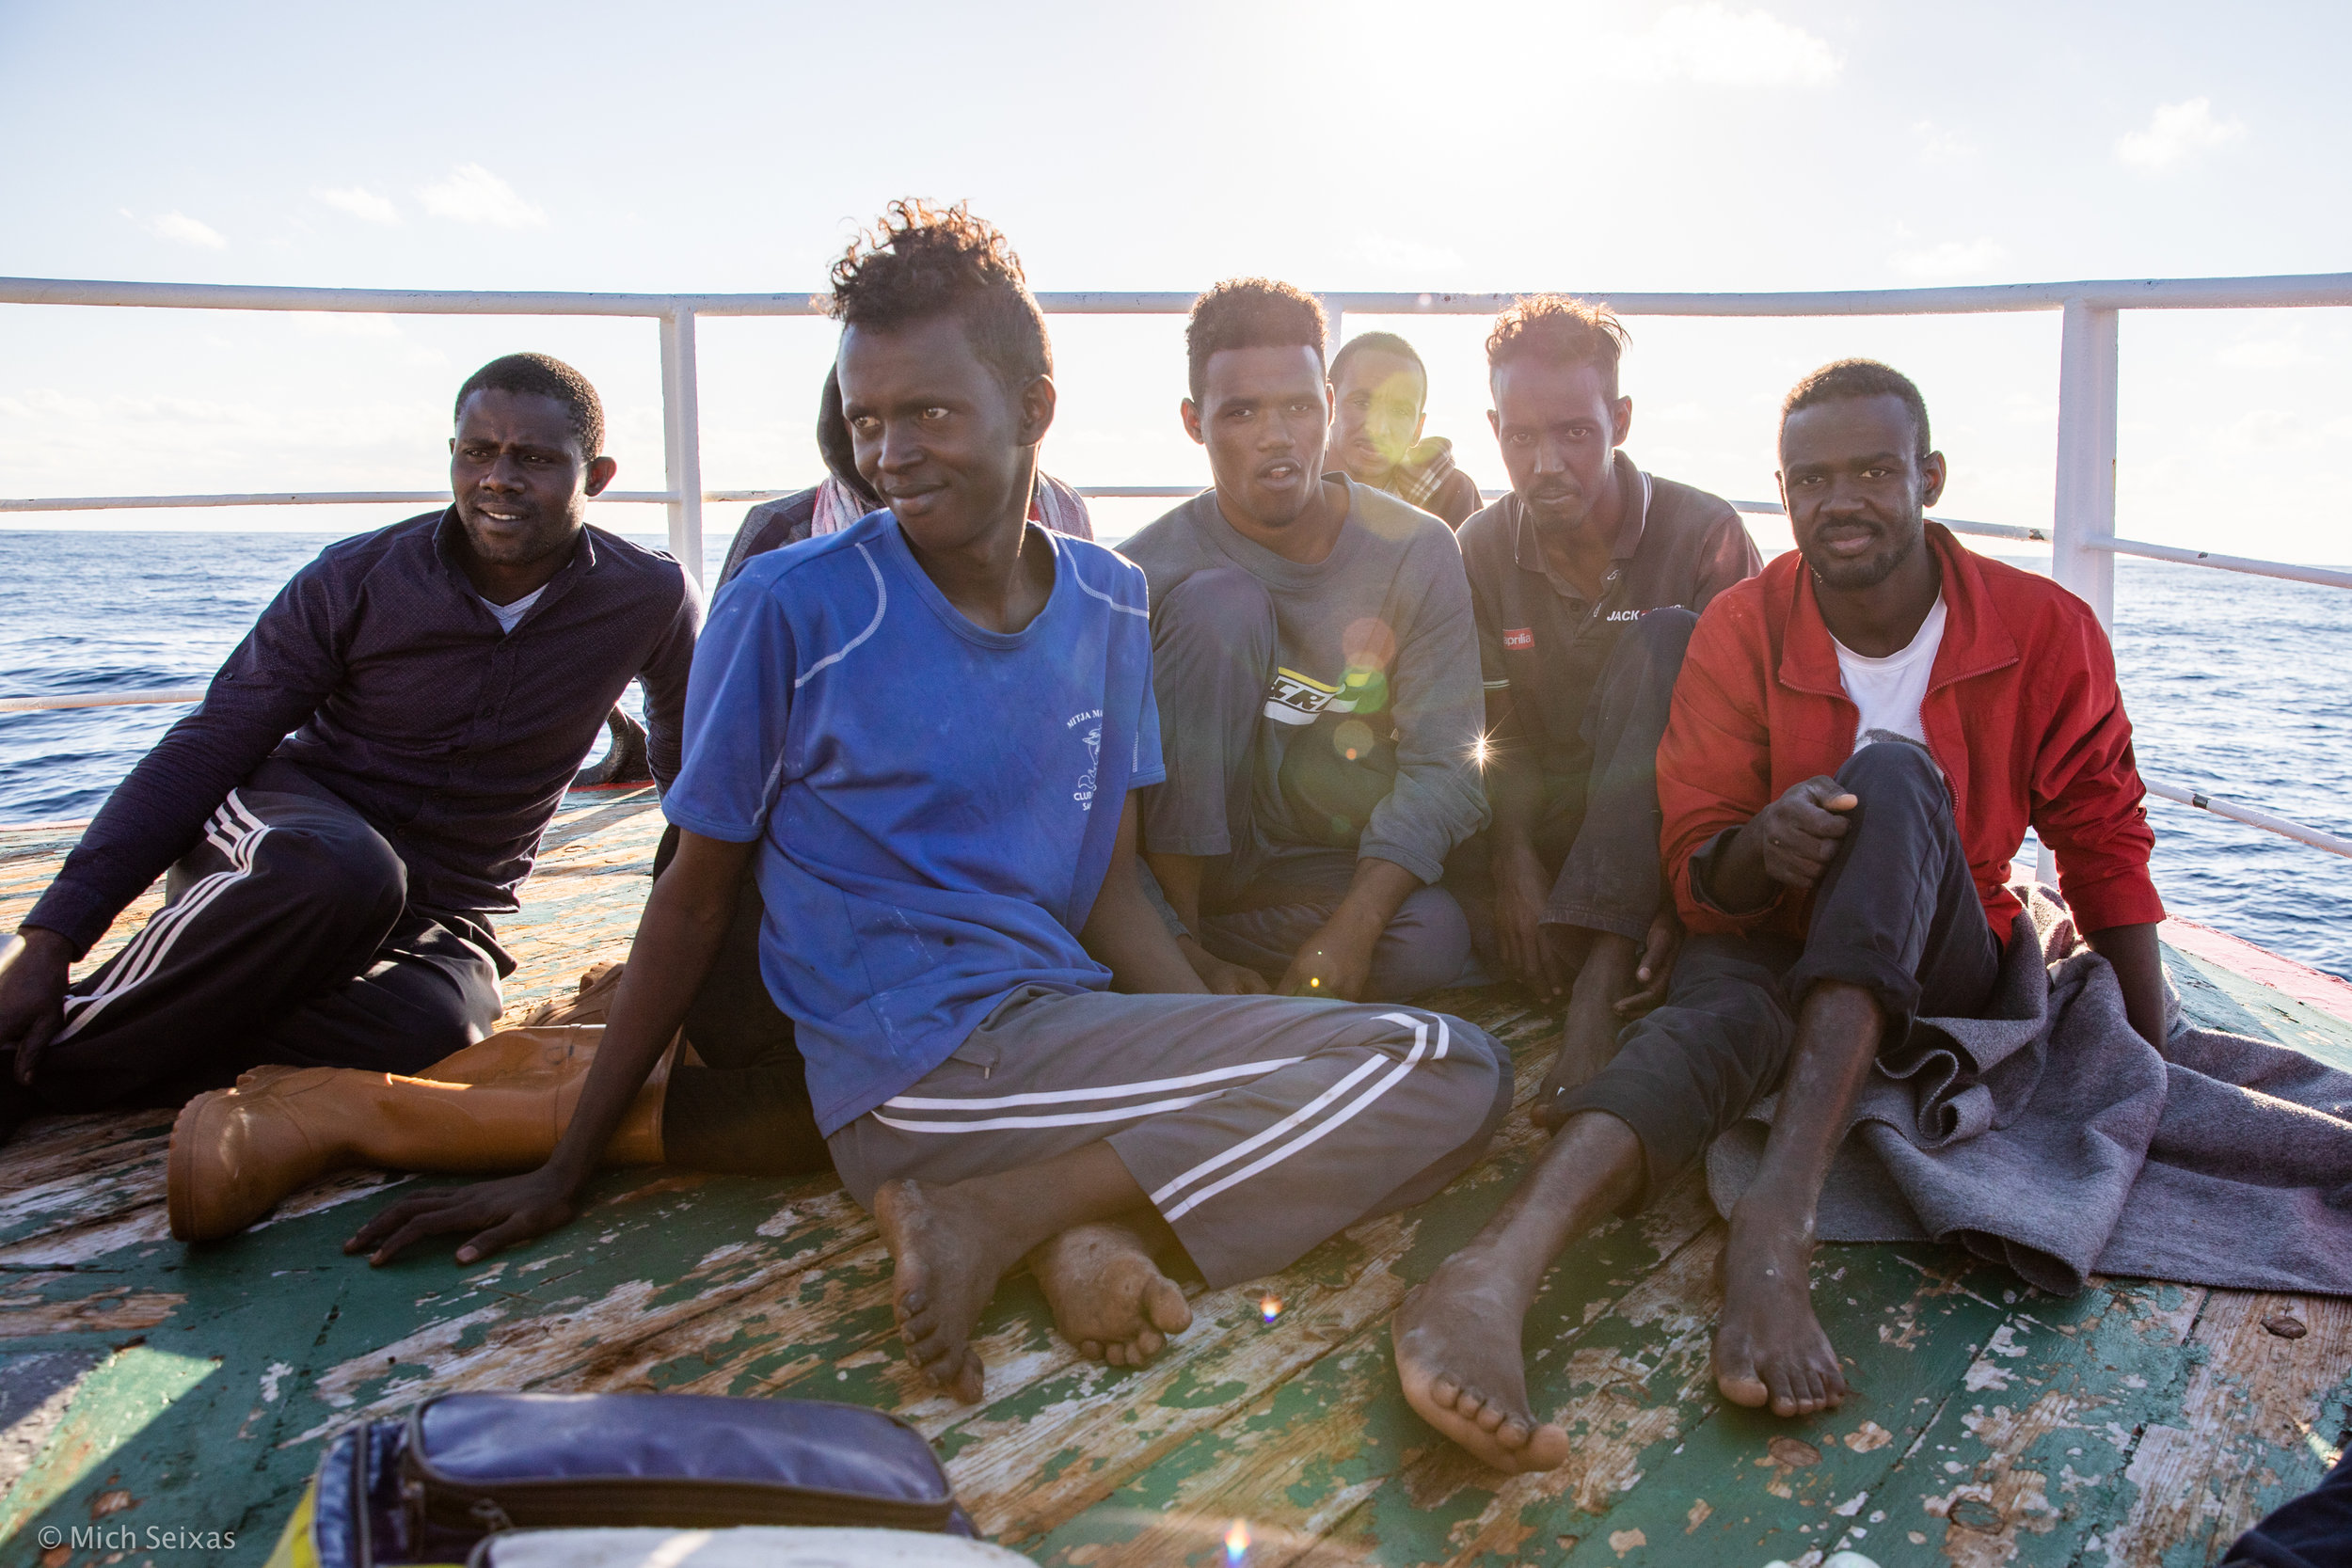 mediterranea-open-arms-madre-de-loreto-pescadores_refugiados-michseixas-9030.jpg